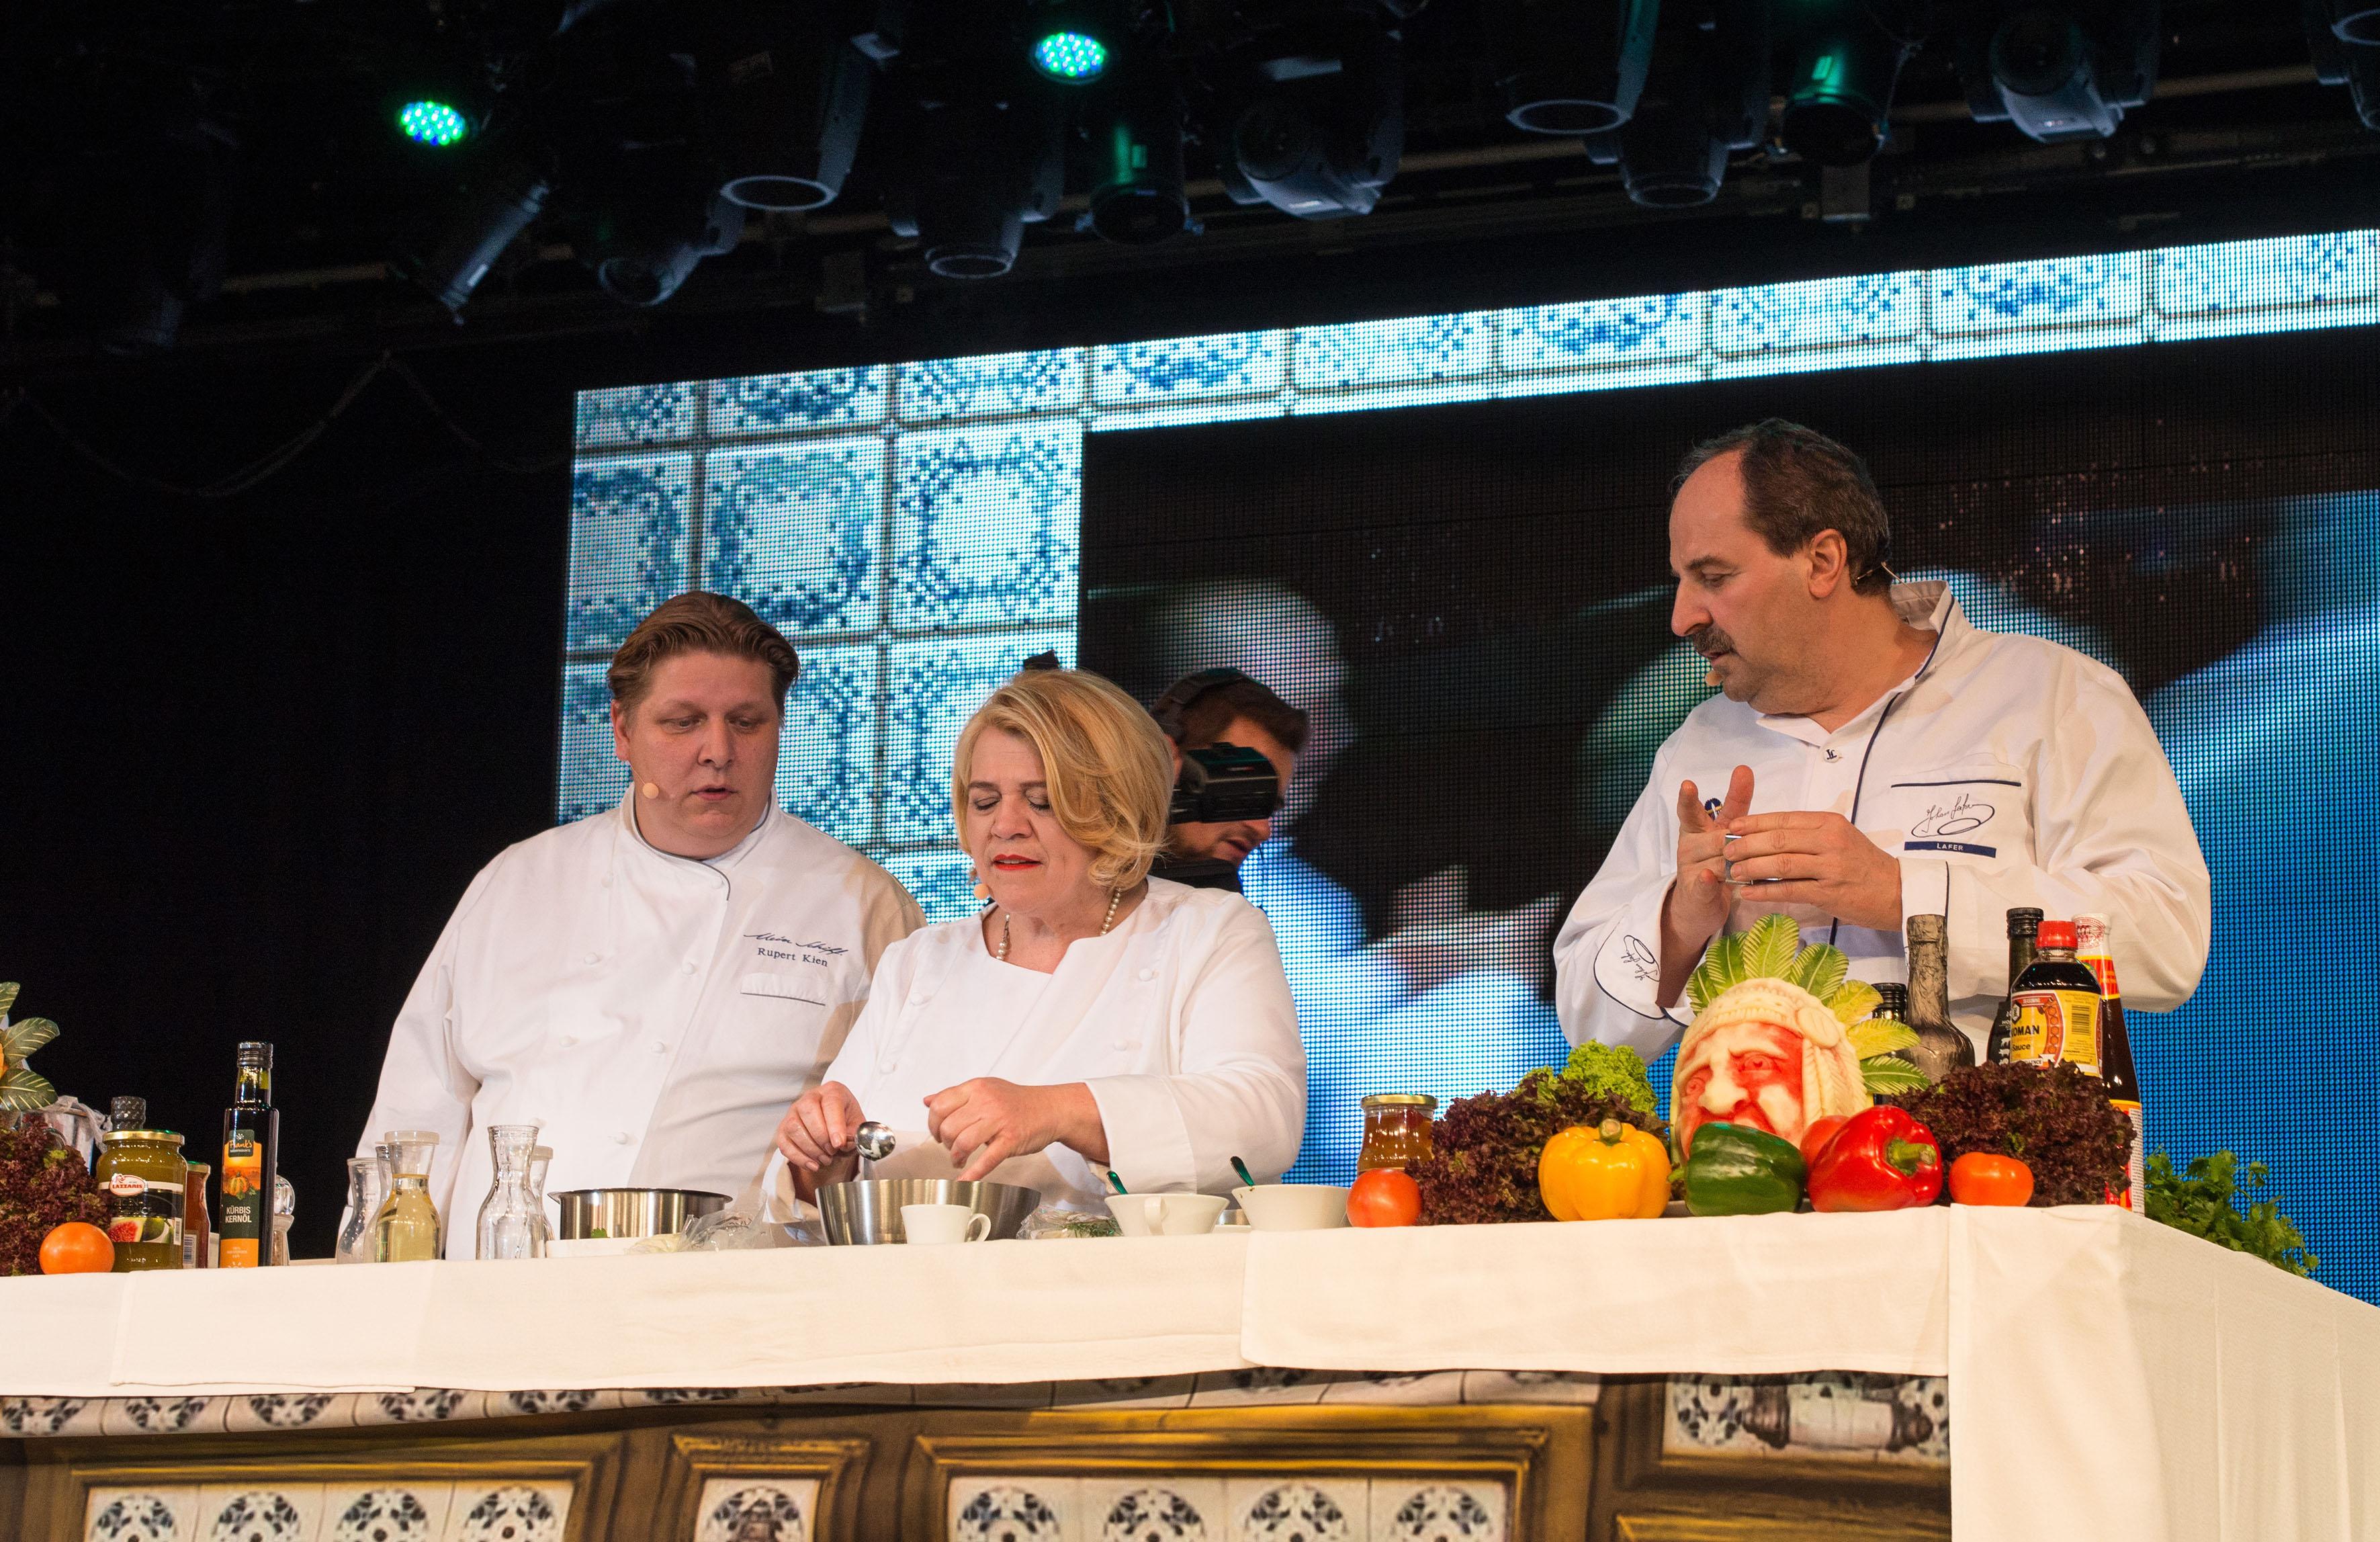 Johan Lafer bei der Kochshow auf der Mein Schiff Flotte